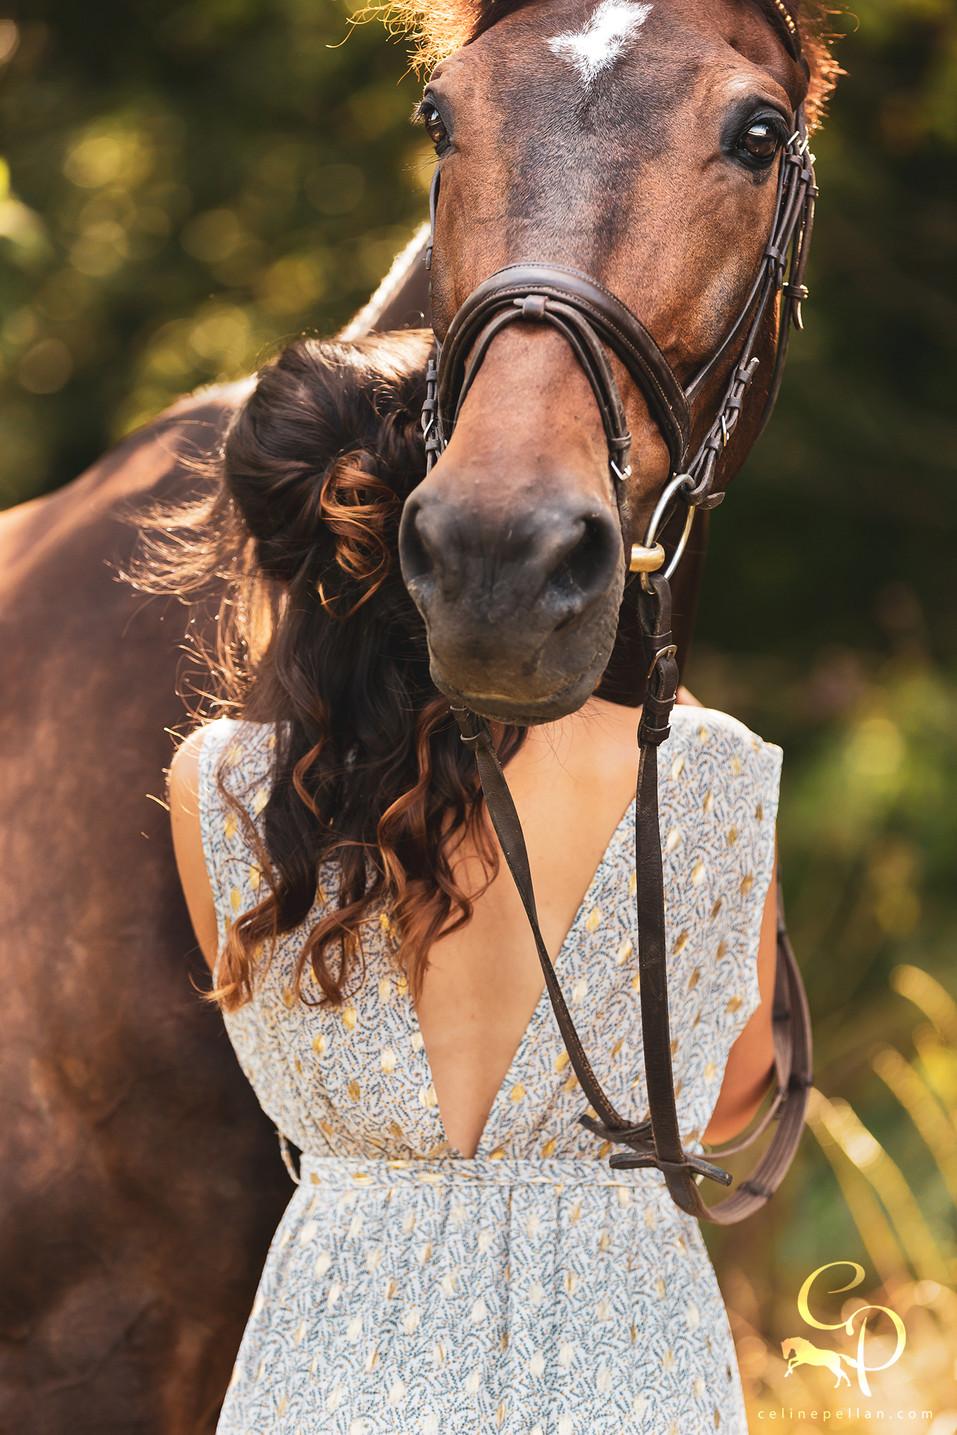 """"""" Dans les immenses prairies de mon esprit,  ce cheval revient sans cesse enjoliver mes rêves, dans ce paradis perdu aux allées fleuries, il attend que le brouillard se lève, pour partir se perdre dans l'infini. """"  Texte personnel"""